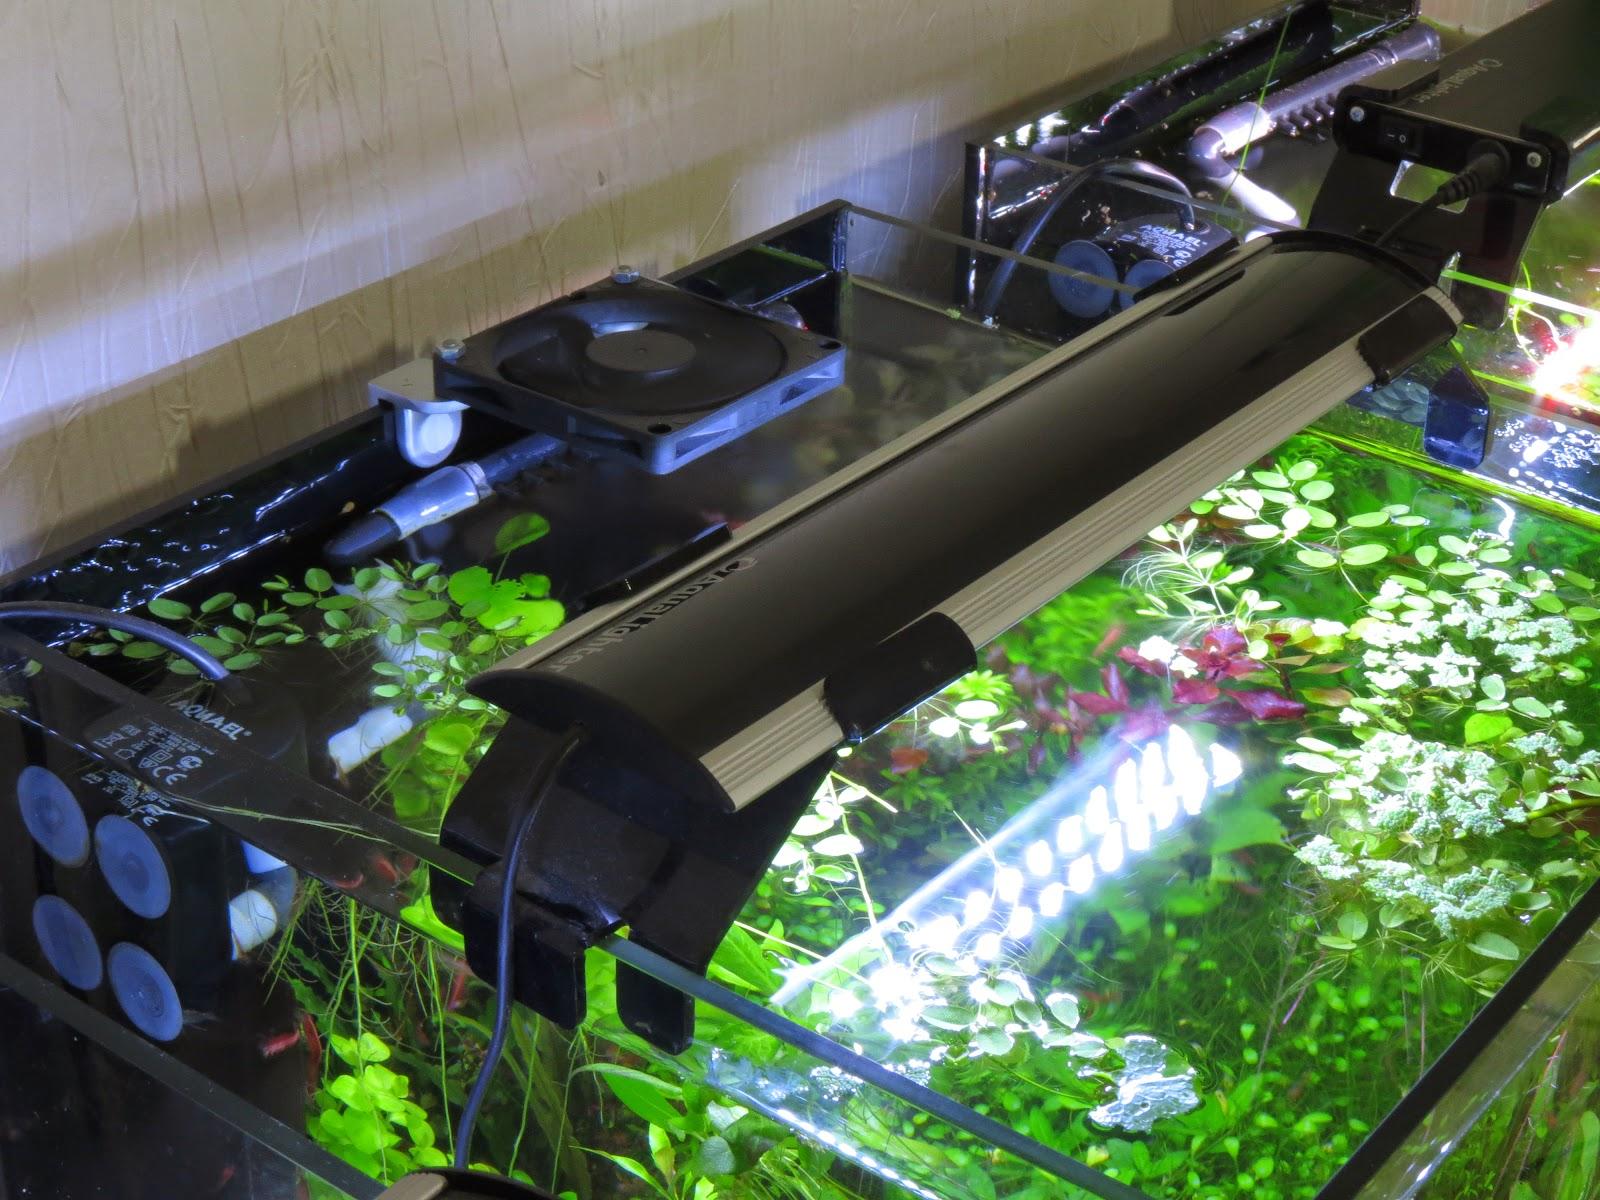 Охлаждение воды аквариума кулерами